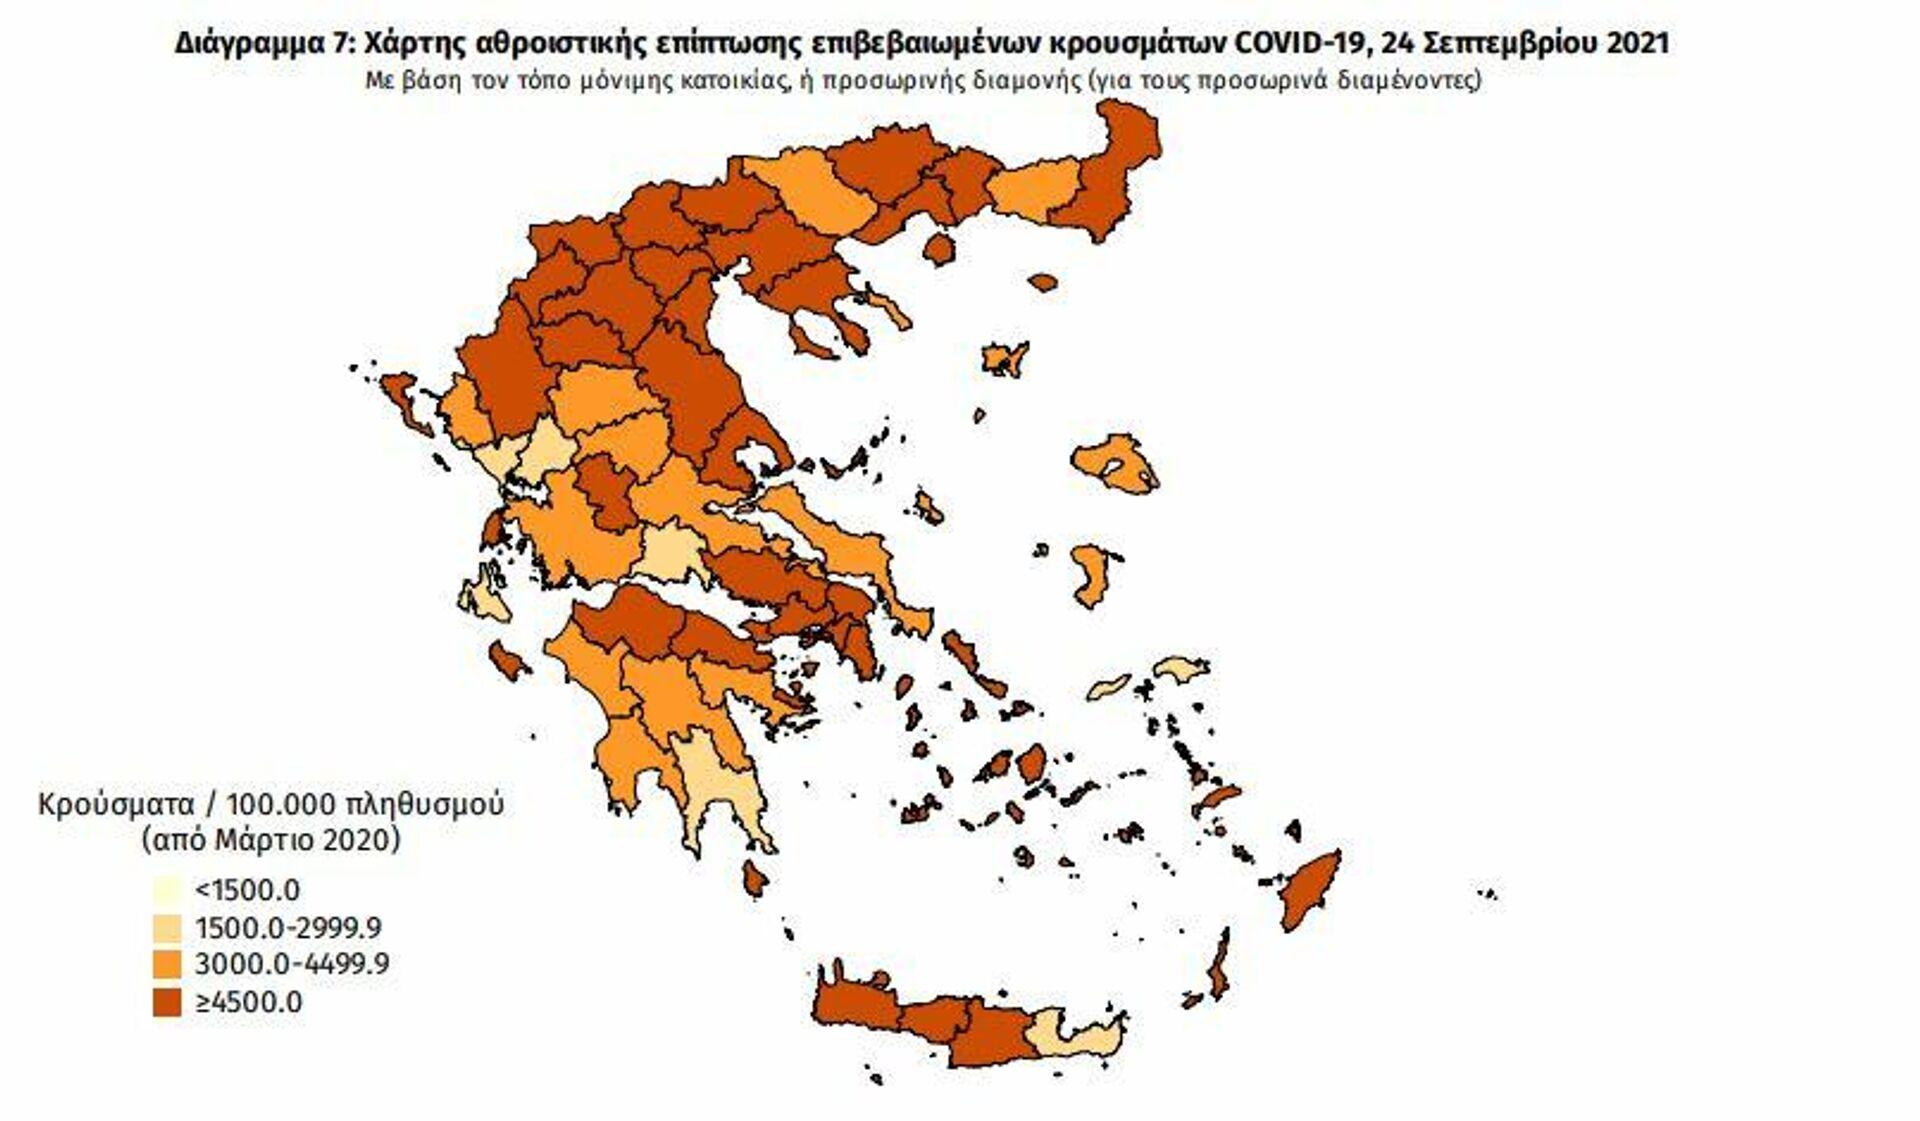 Χάρτης κρουσμάτων - Sputnik Ελλάδα, 1920, 24.09.2021